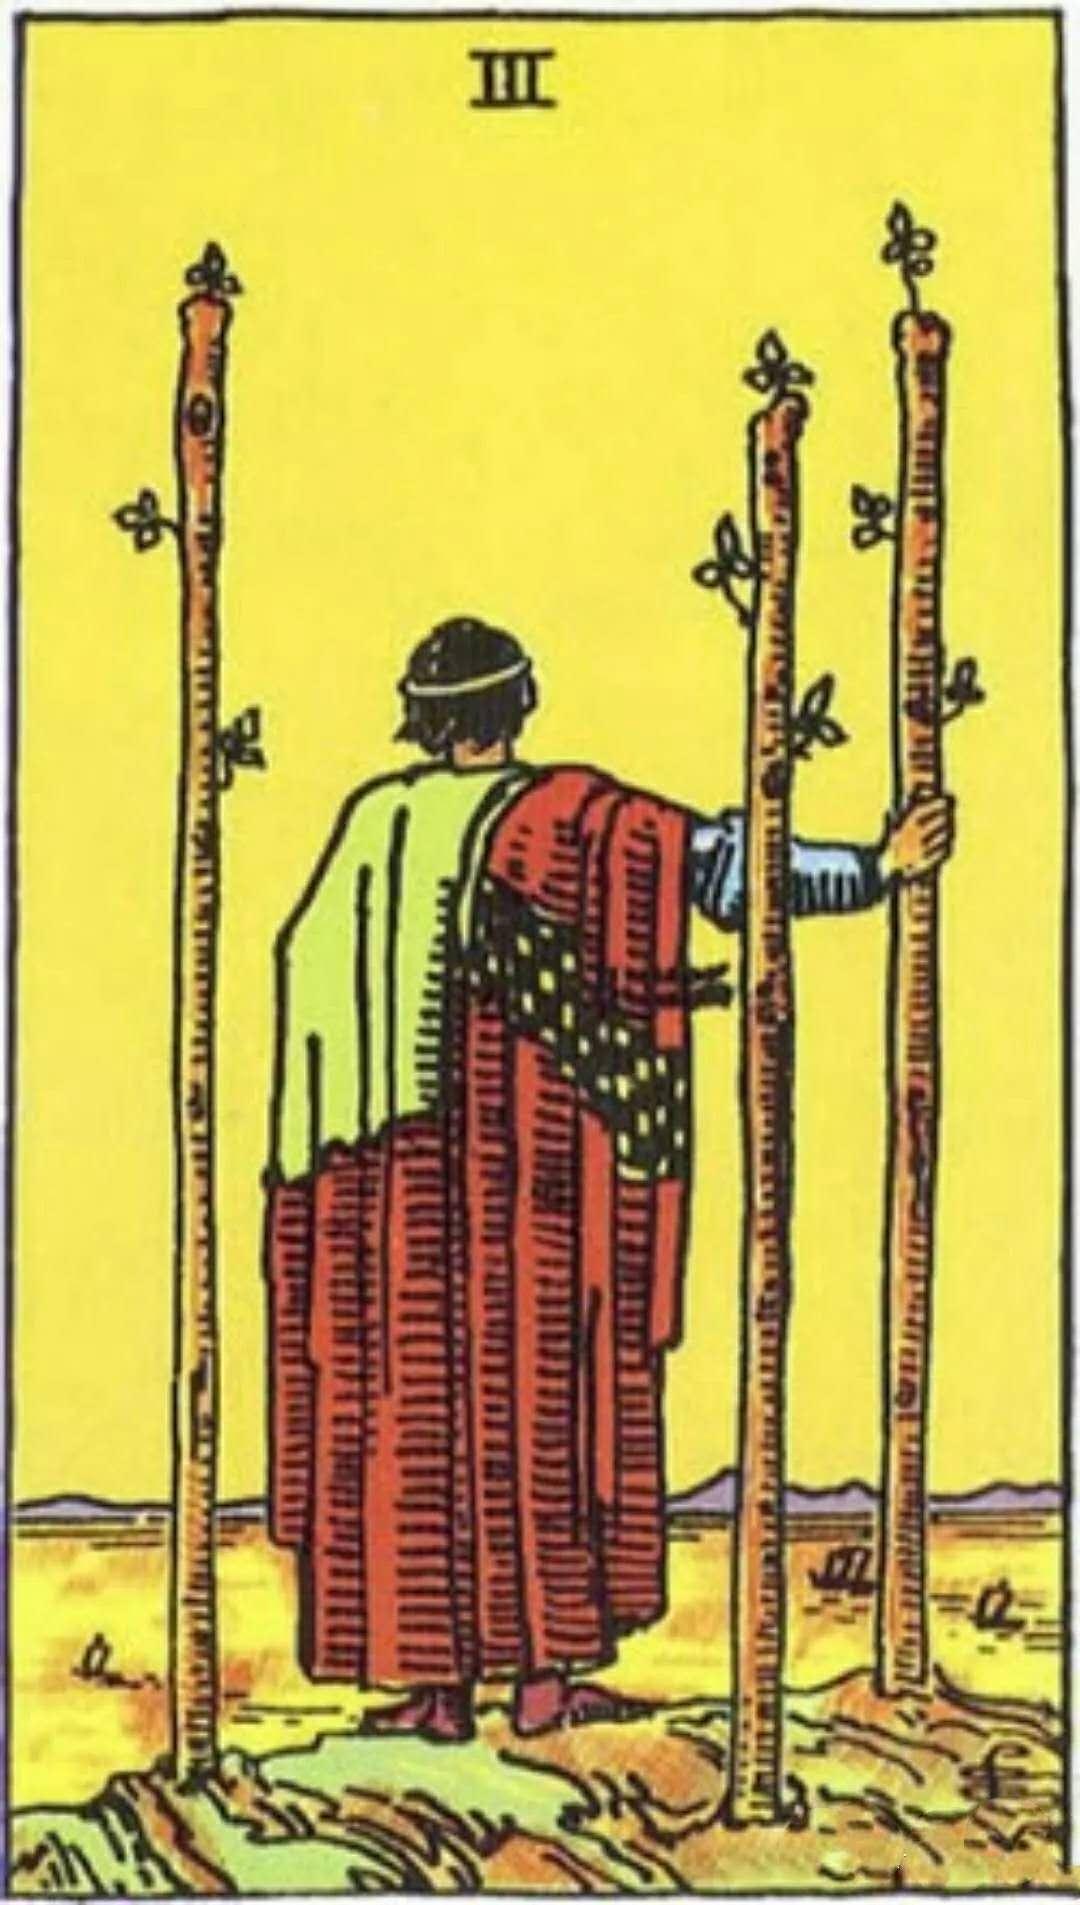 塔罗牌占卜爱情的牌阵,塔罗测他喜欢你的程度  第6张